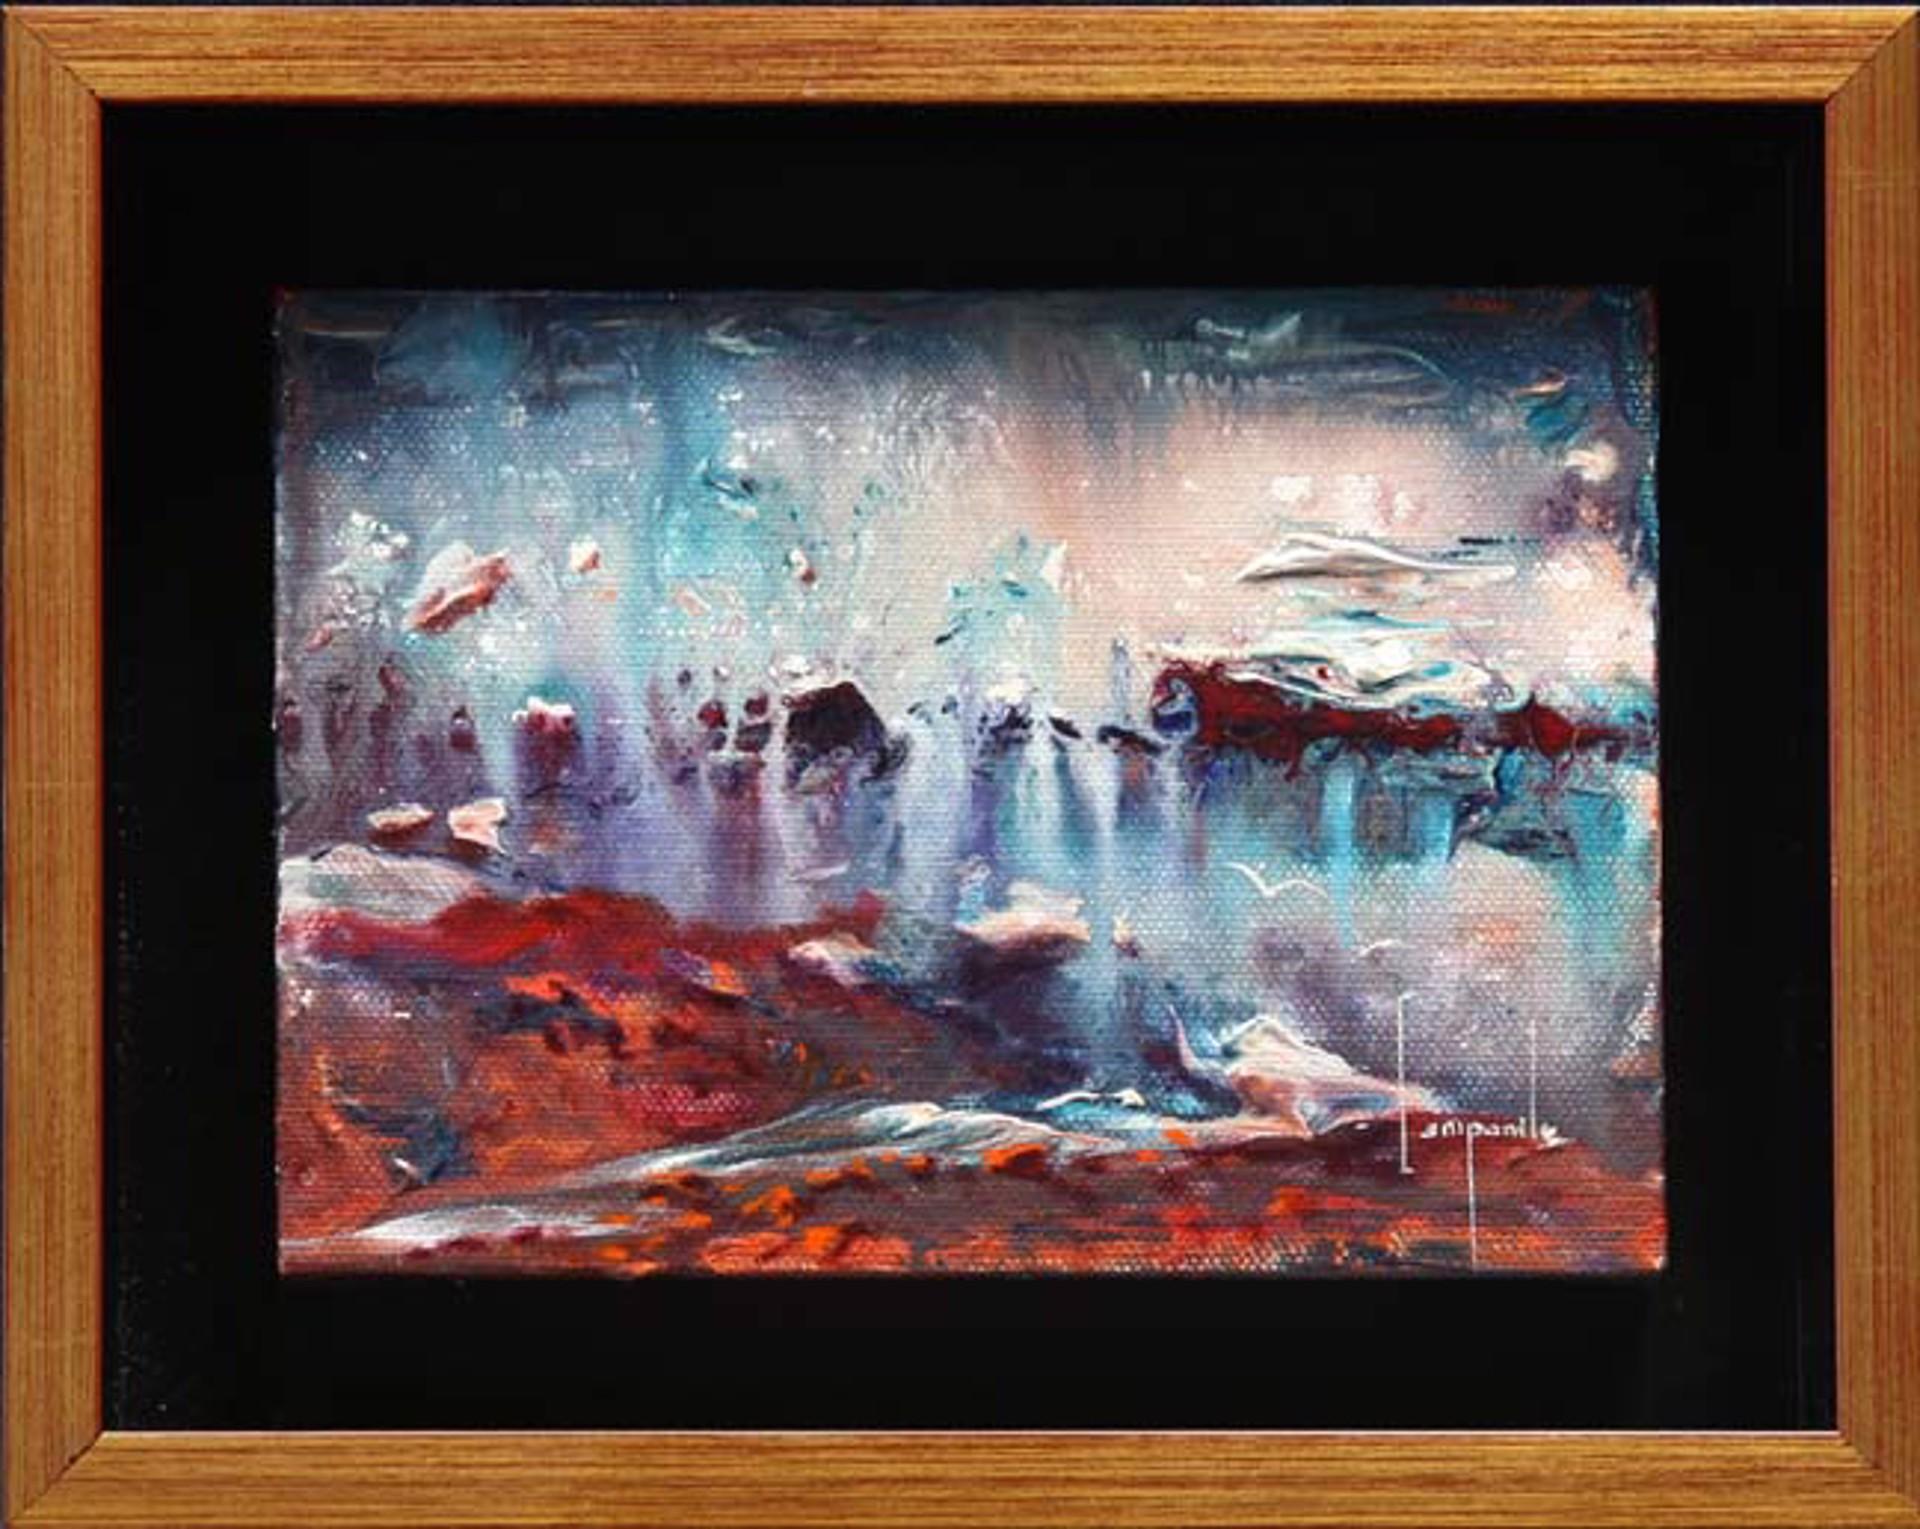 Visionscape Series No 12 by Dario Campanile